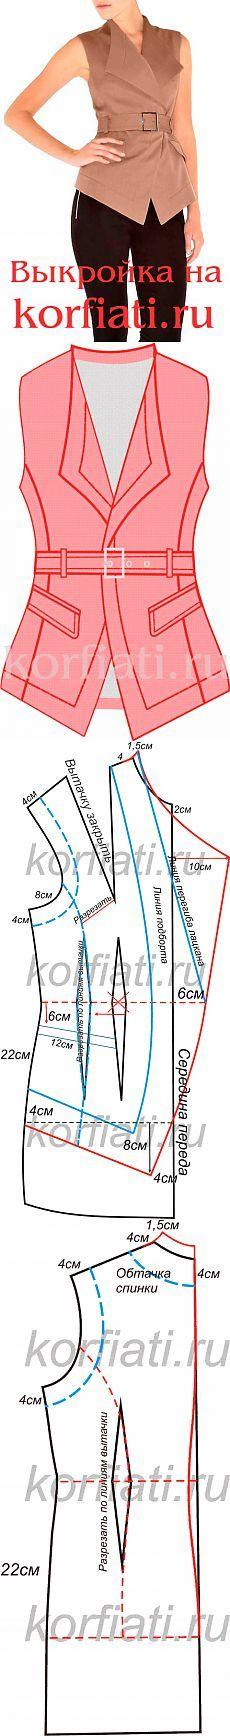 Cómo coser un chaleco - Patrón de Anastasia Korfiati